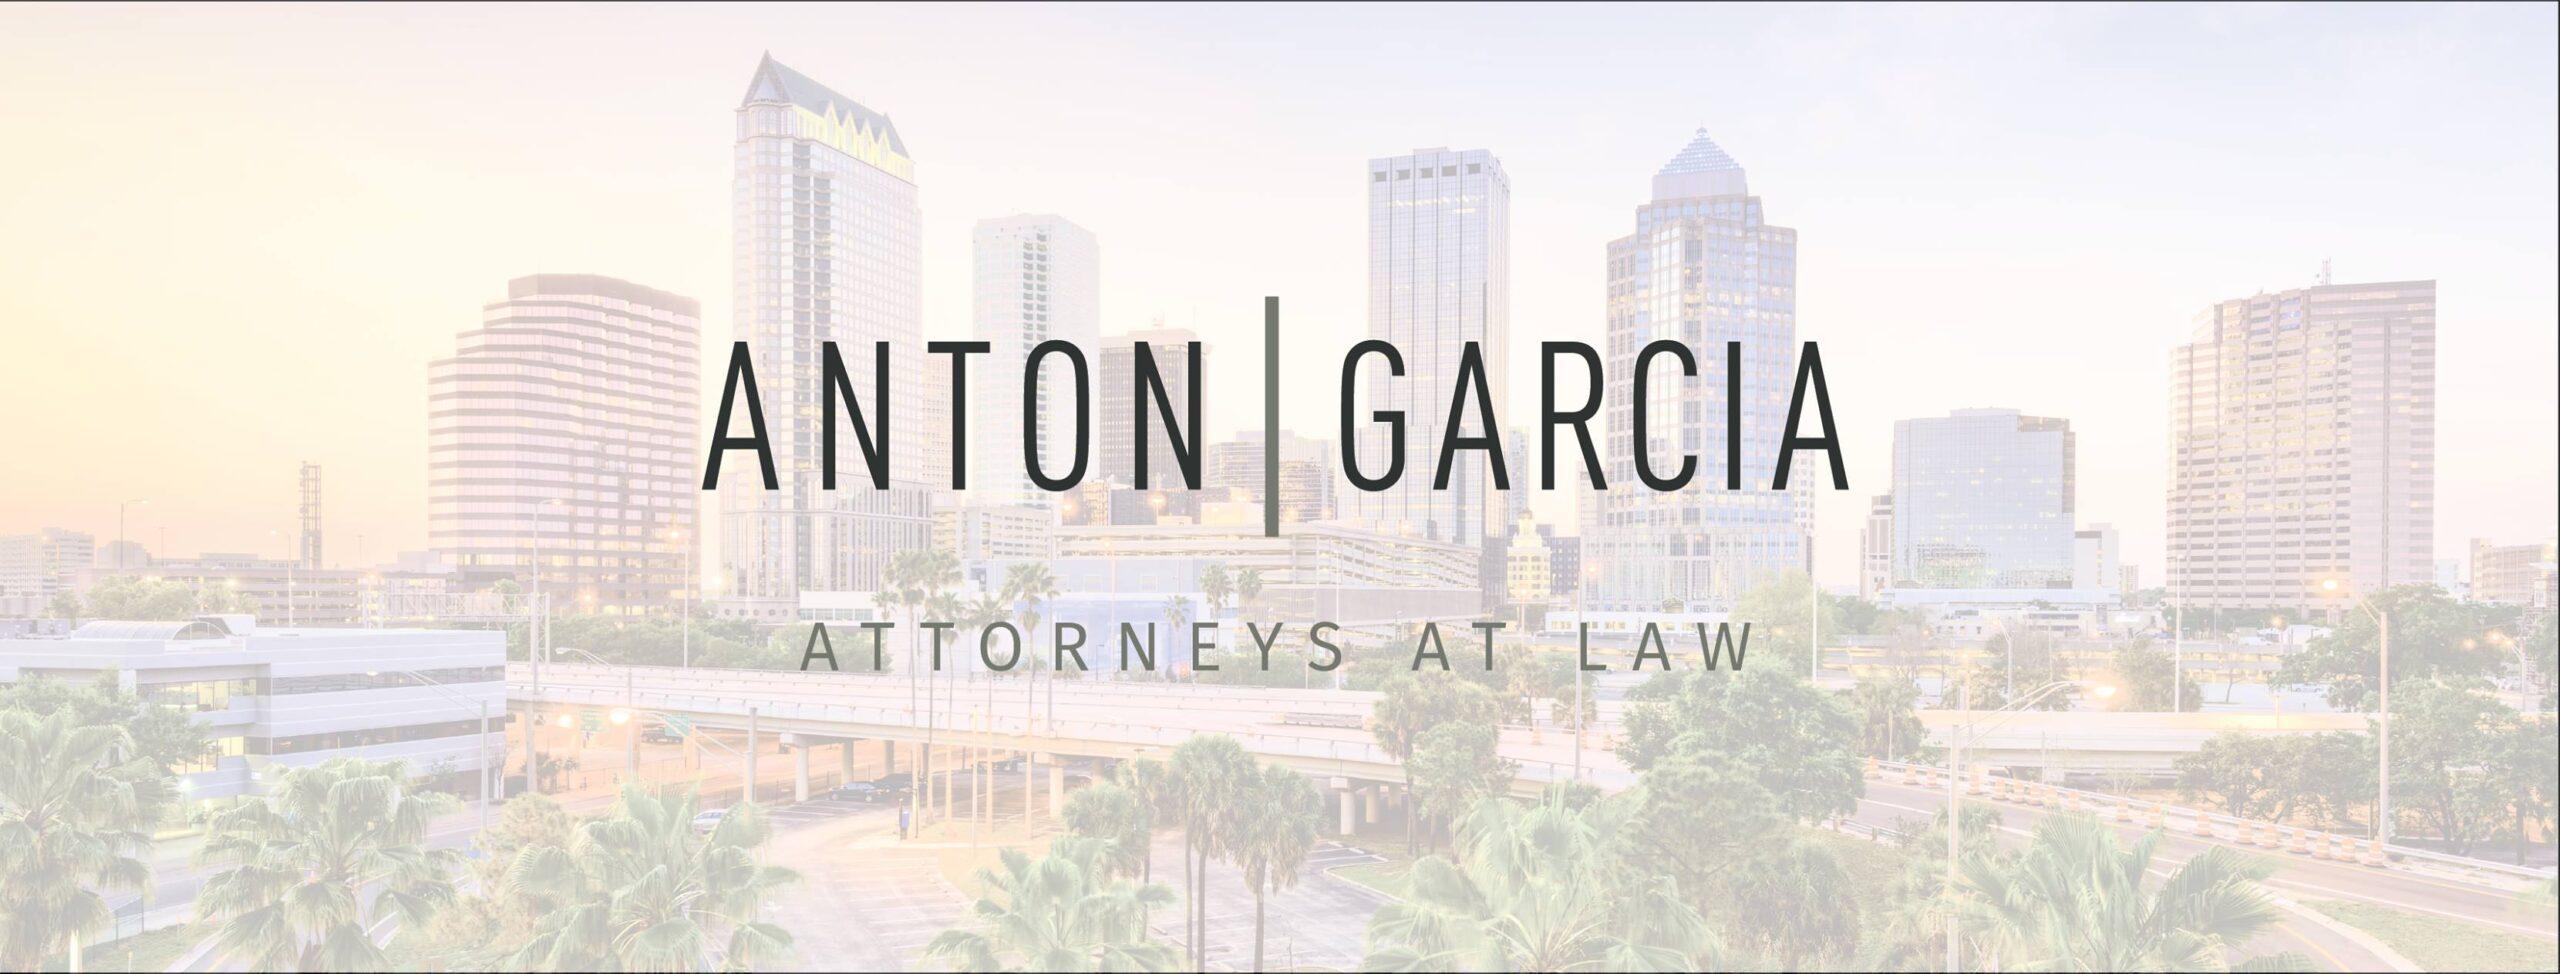 Anton Garcia Law